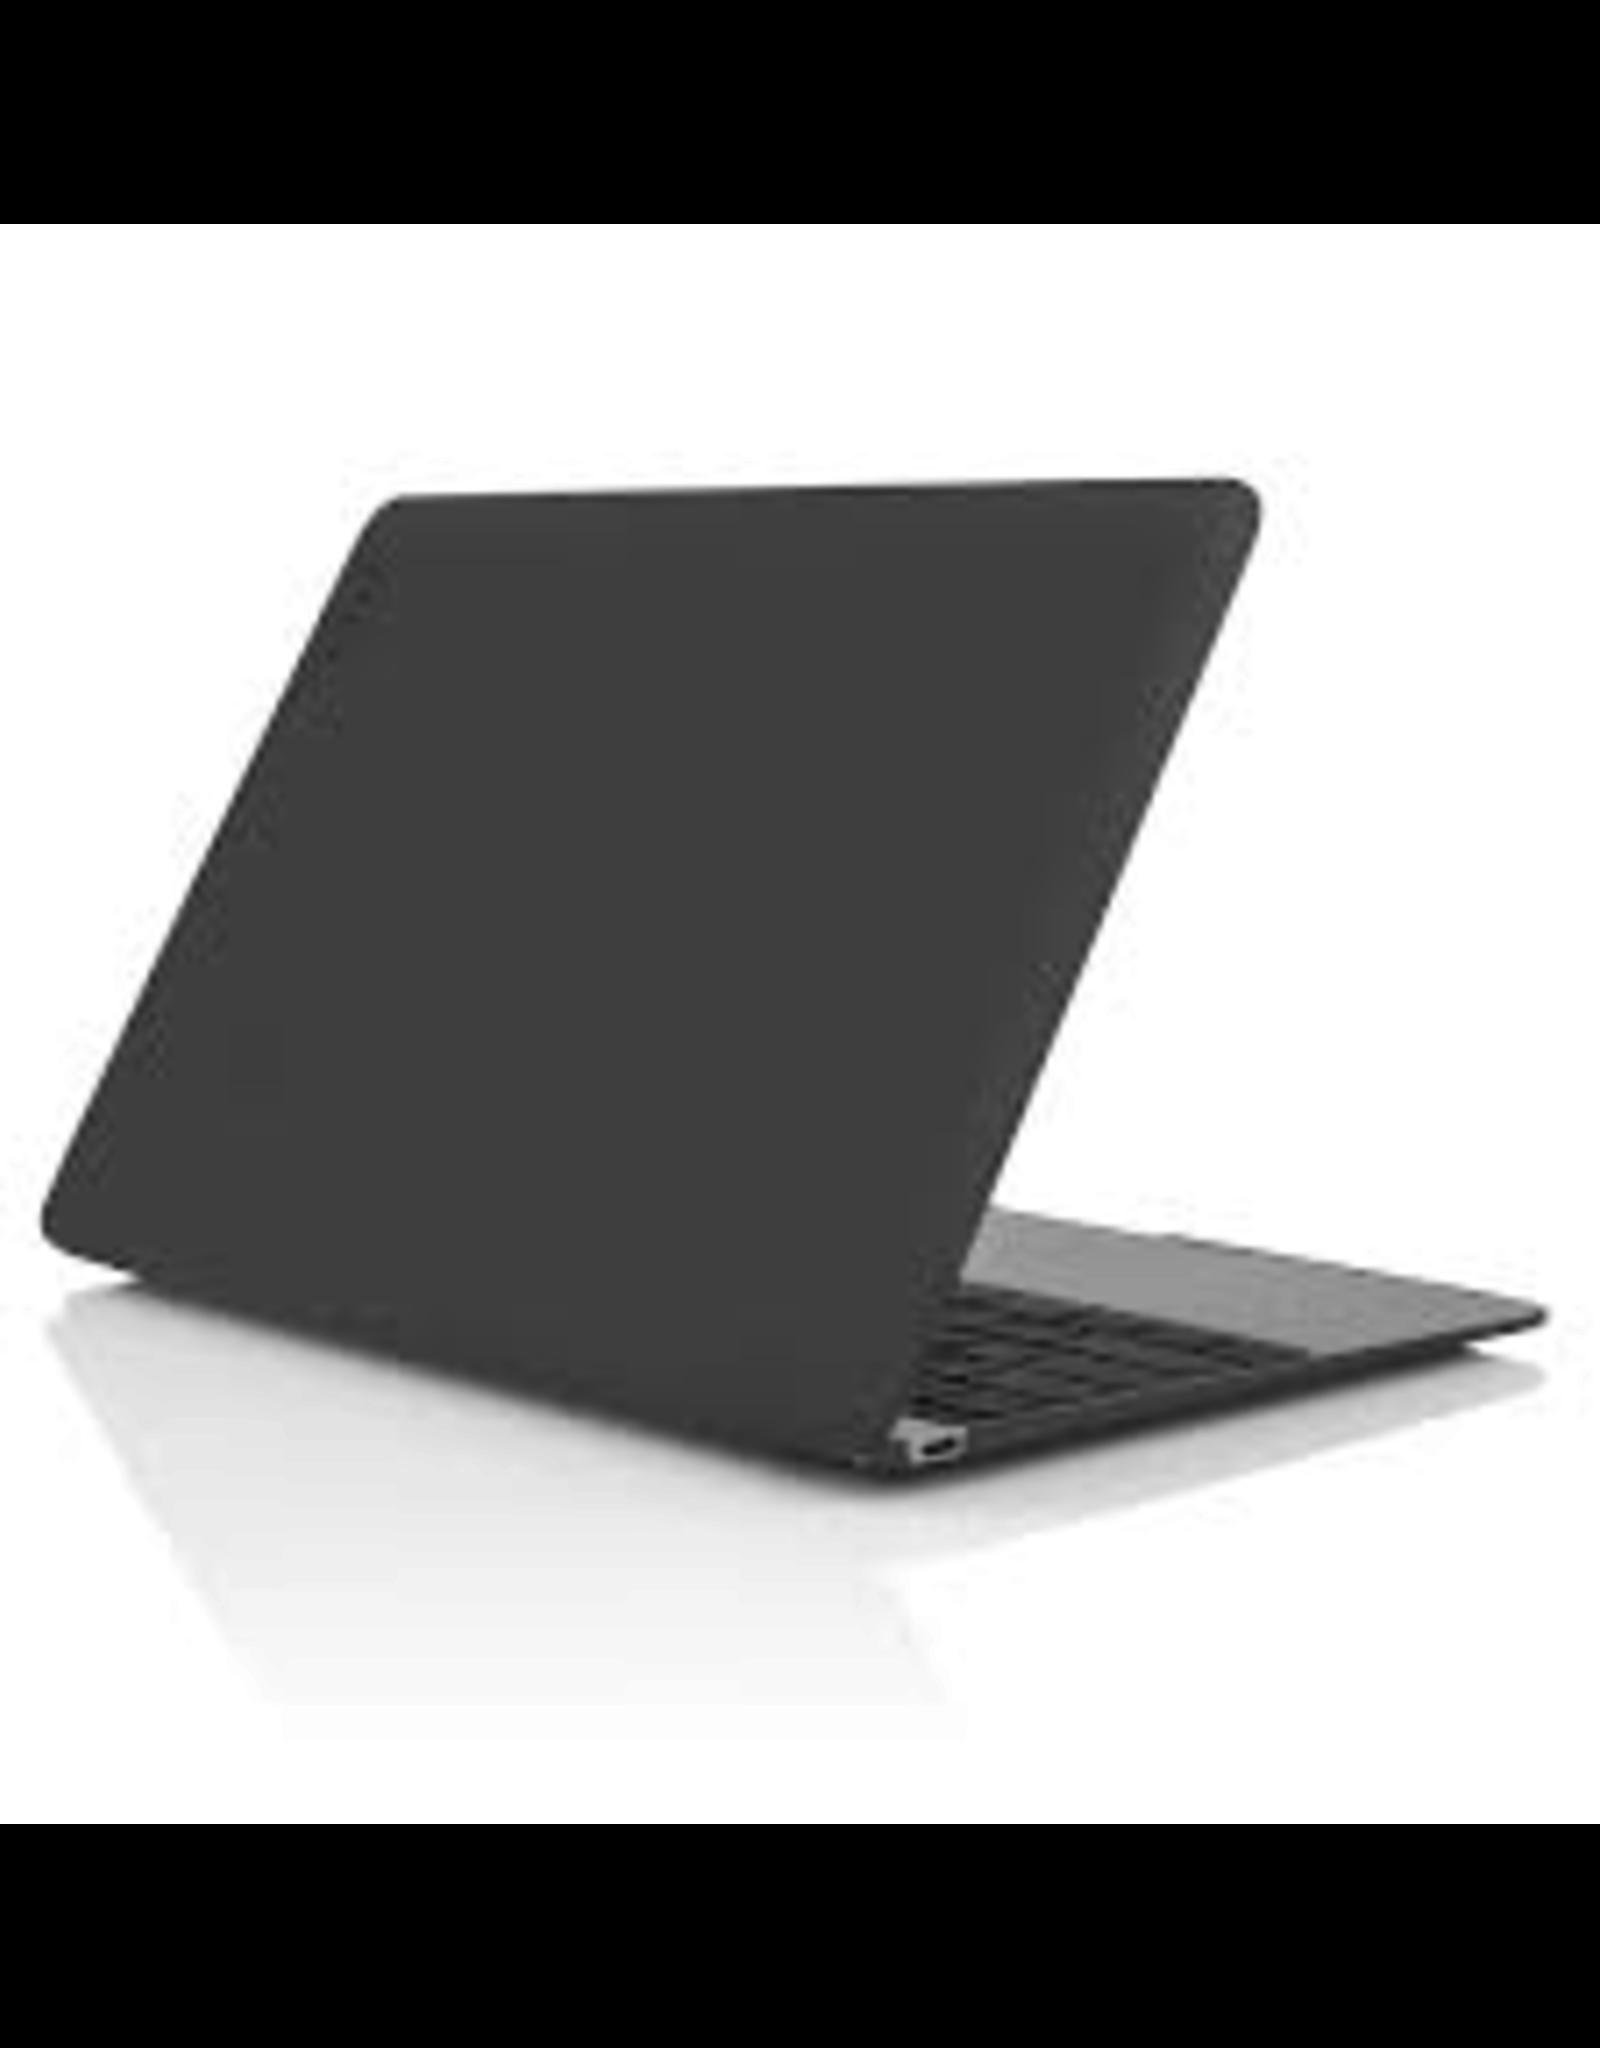 Incipio Technologies, Inc. INCIPIO Feather for MacBook 12 Translucent Black EOL